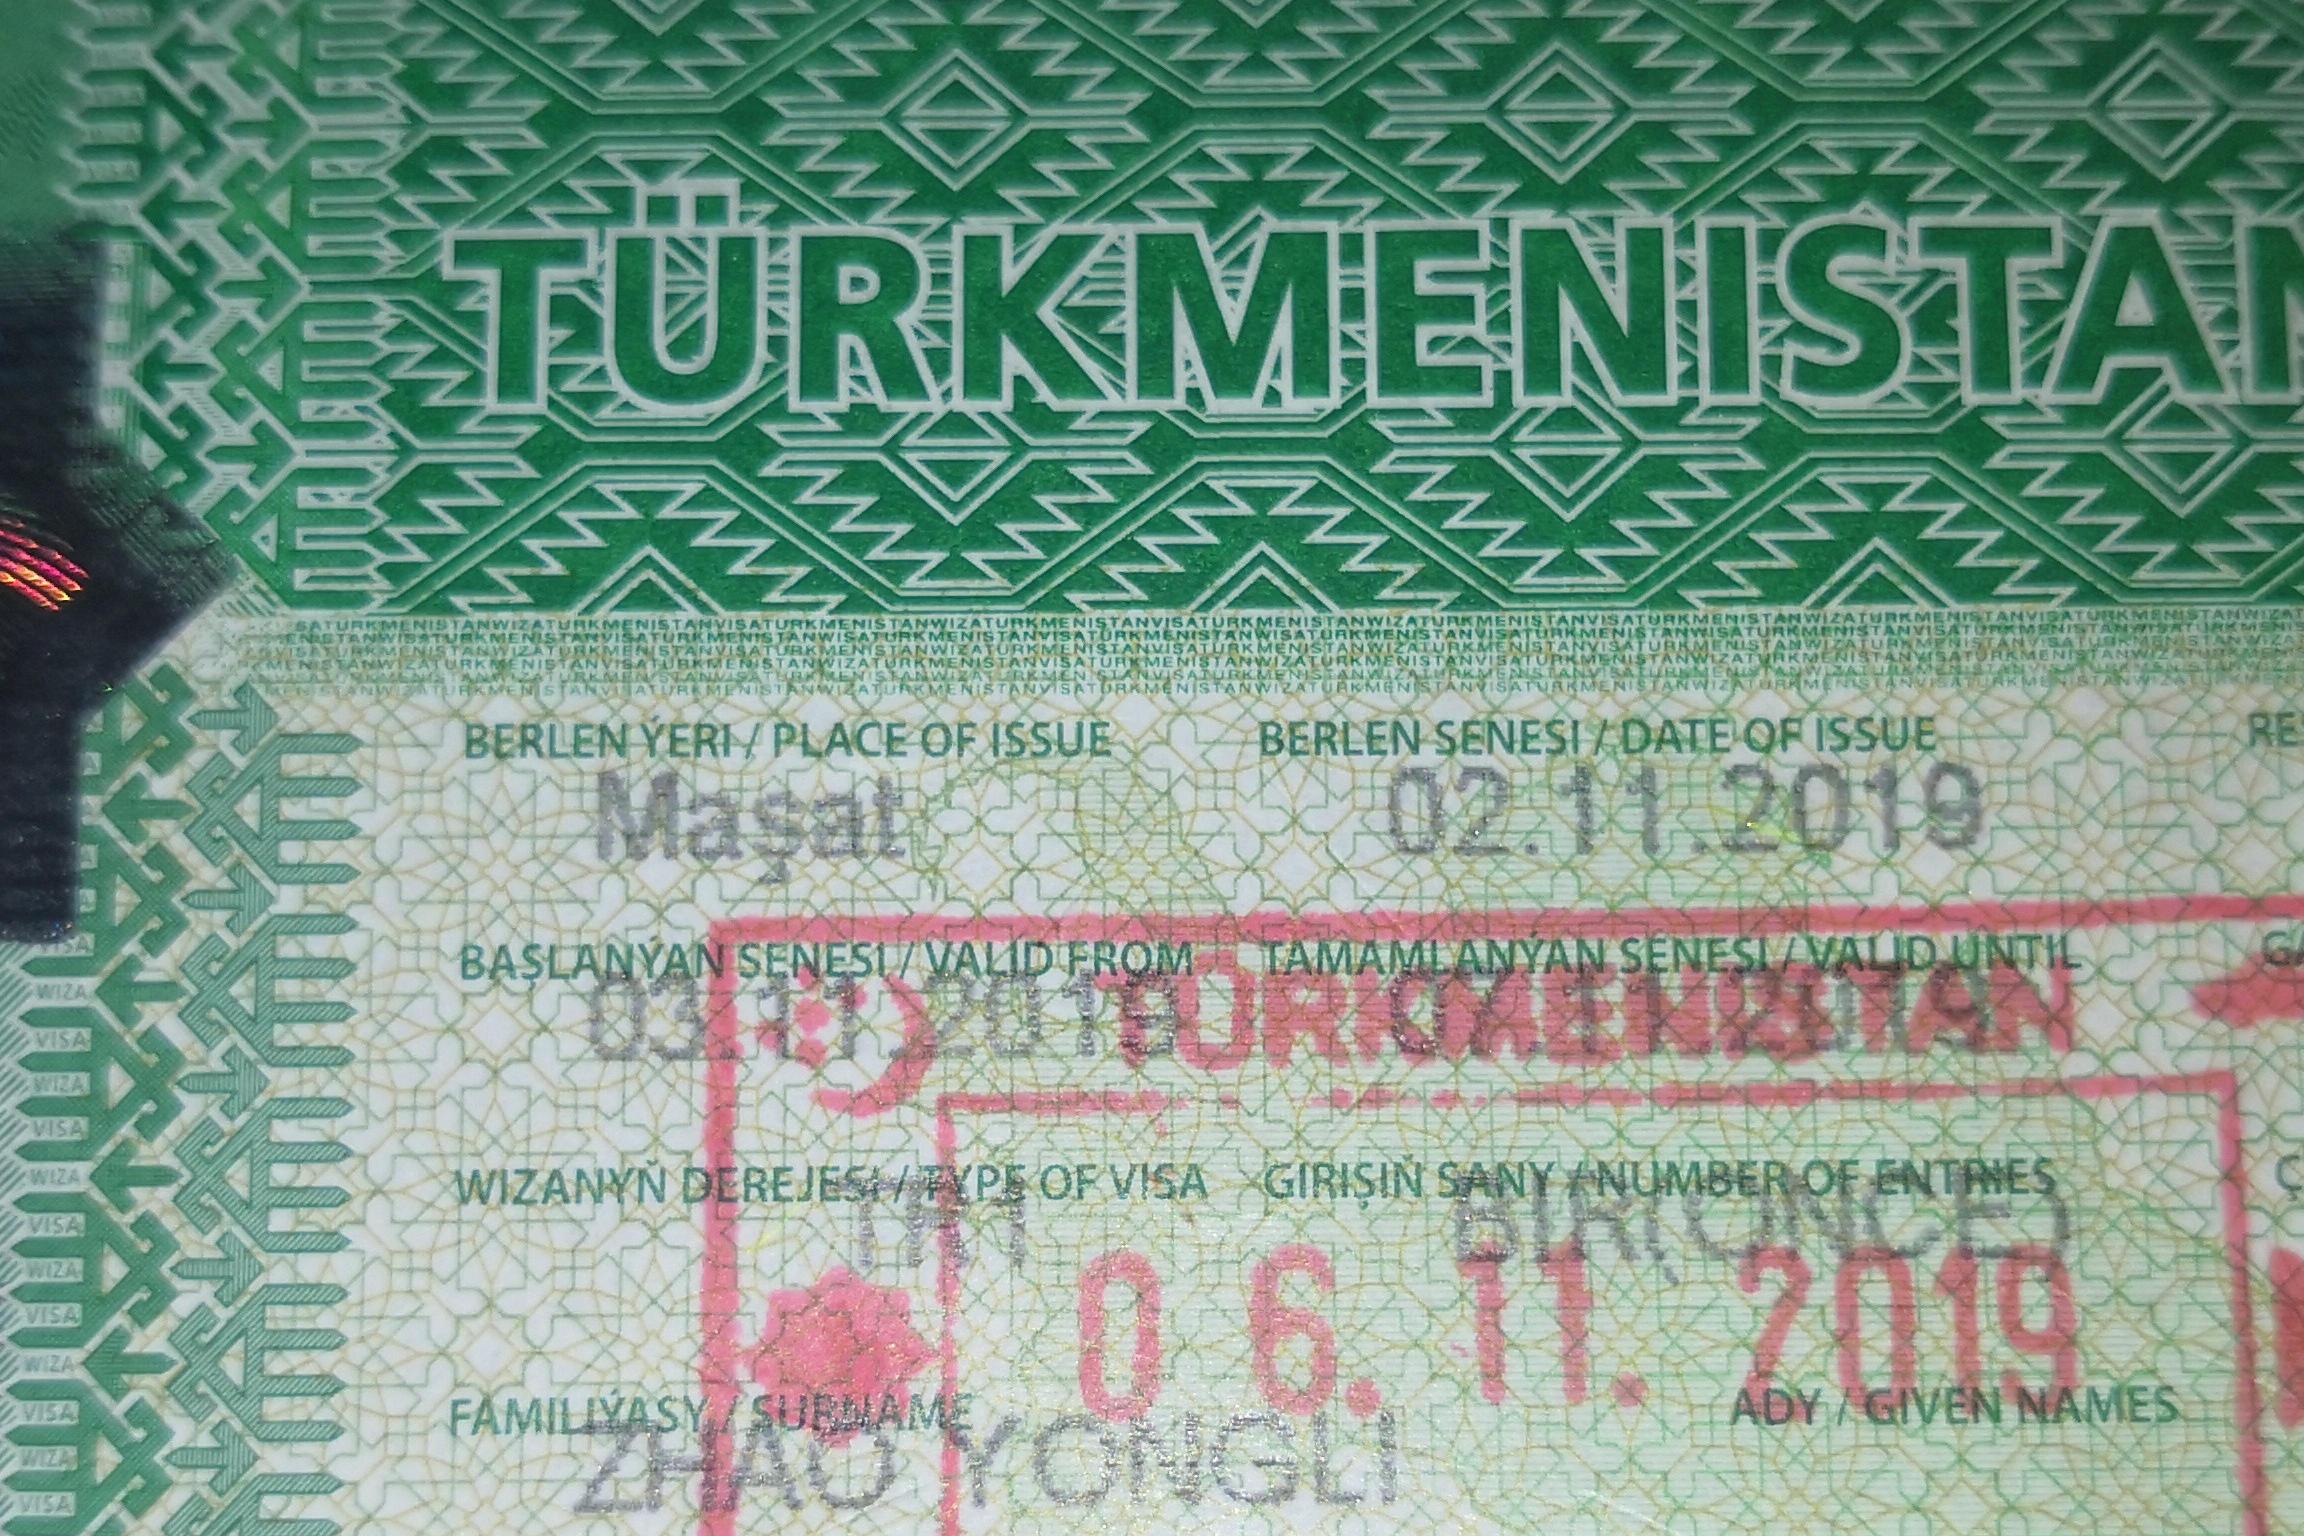 2019自驾亚欧非D172―在伊朗德黑兰申请土库曼斯坦过境签